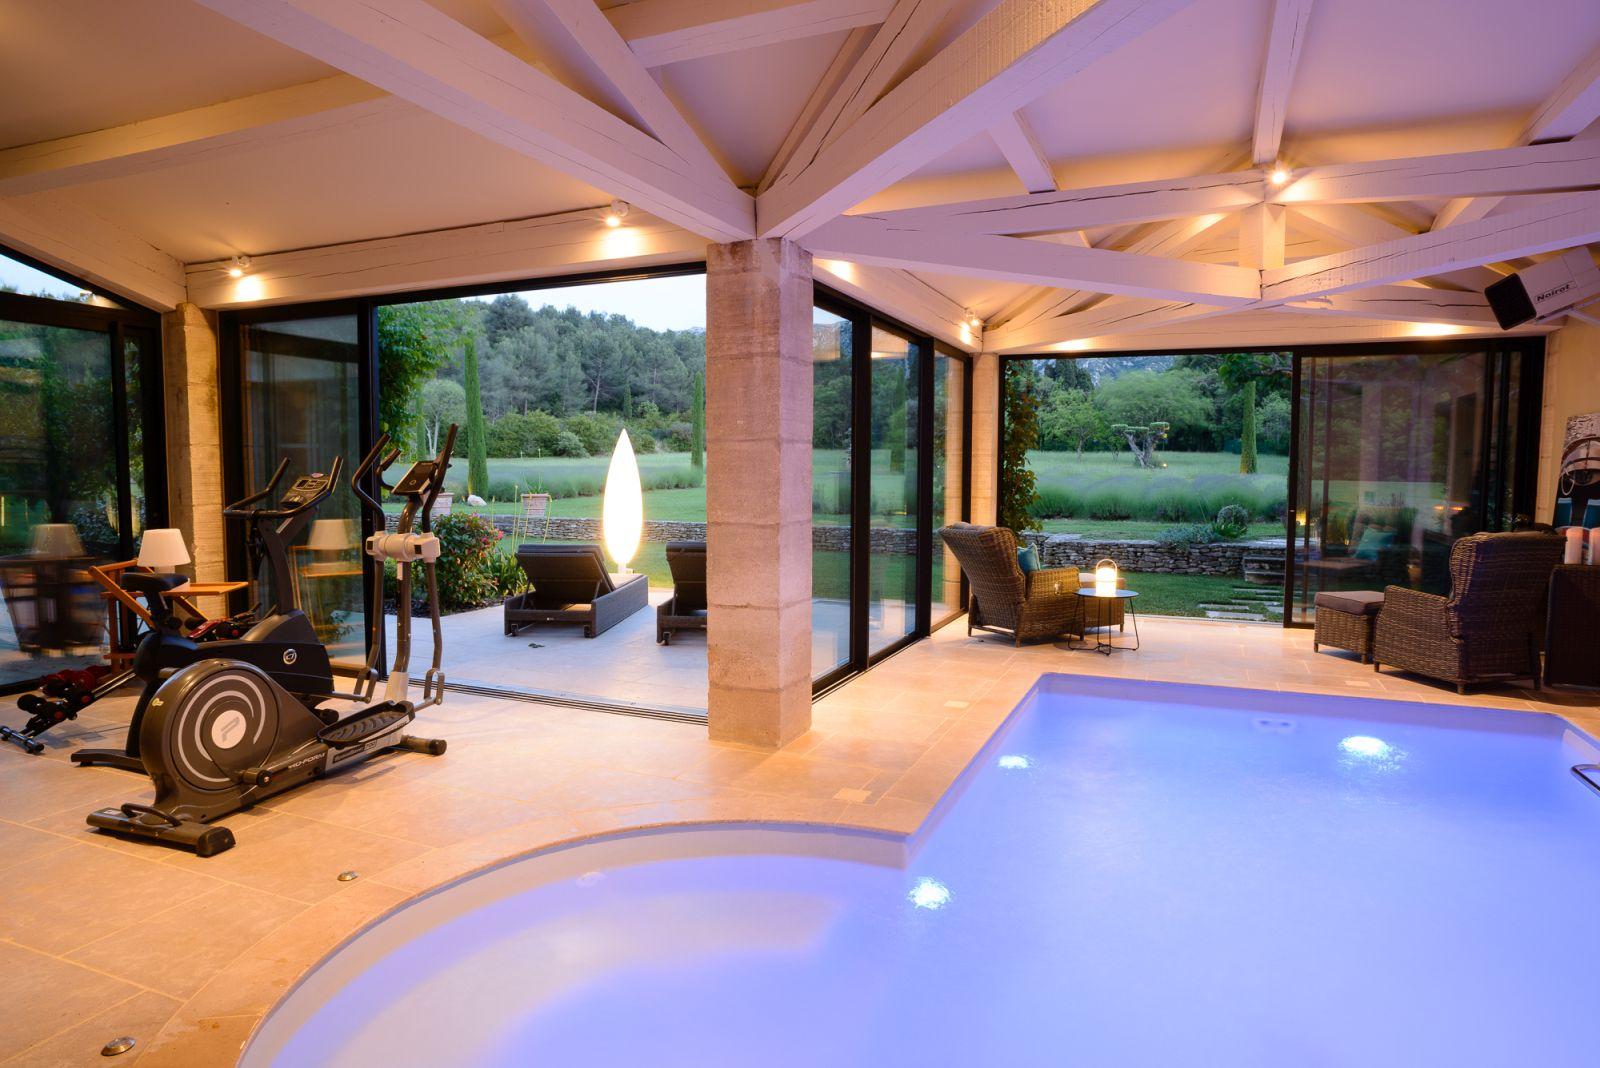 Location Villa Luxe Saint Remy De Provence Avec Piscine Privee Chauffee Et  Piscine Interieure tout Location Maison Avec Piscine Intérieure